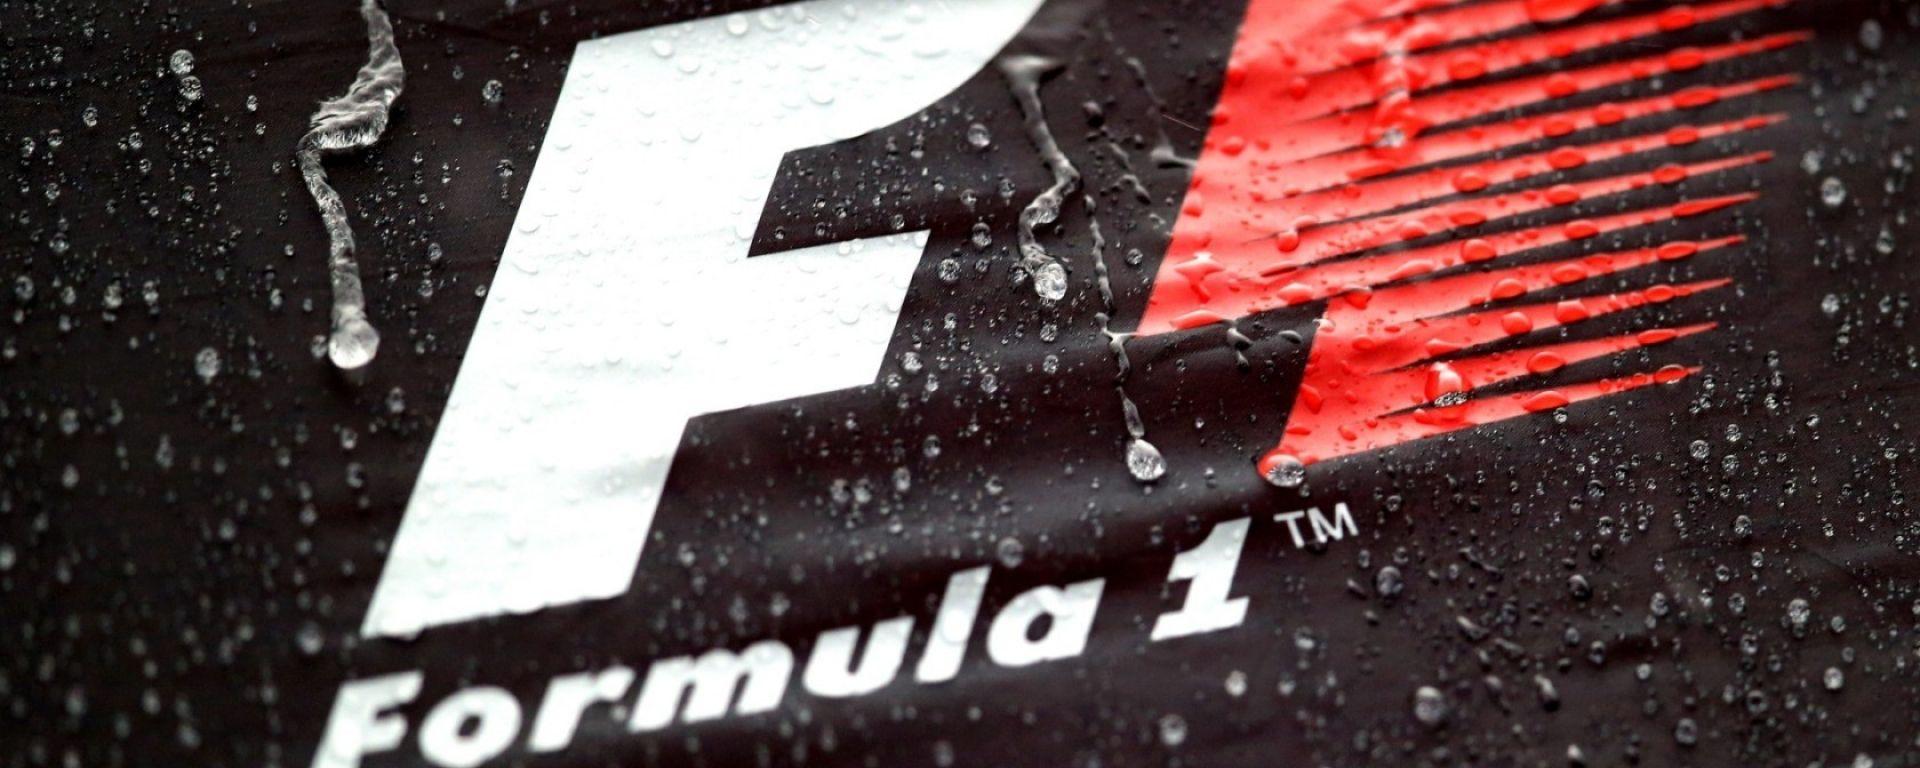 Calendario Formula Uno 2017: circuiti, date e risultati